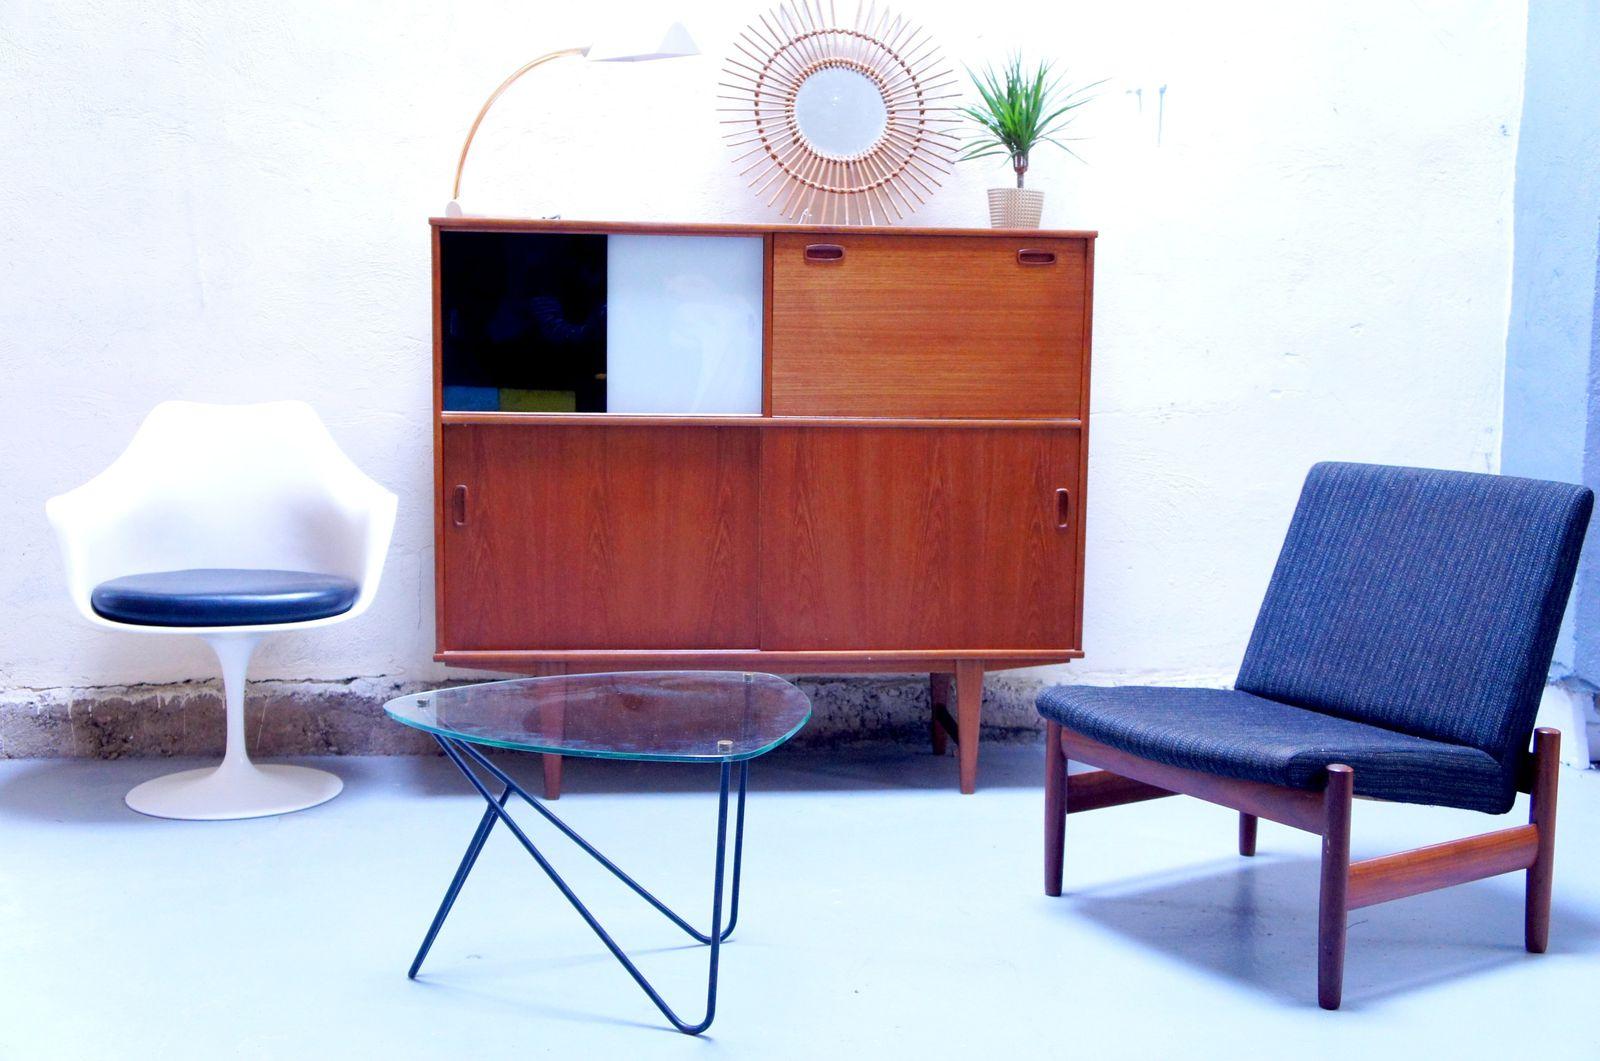 Vendu meuble scandinave buffet teck ann es 50 60 70 danois commode haut des - Mobilier scandinave design ...